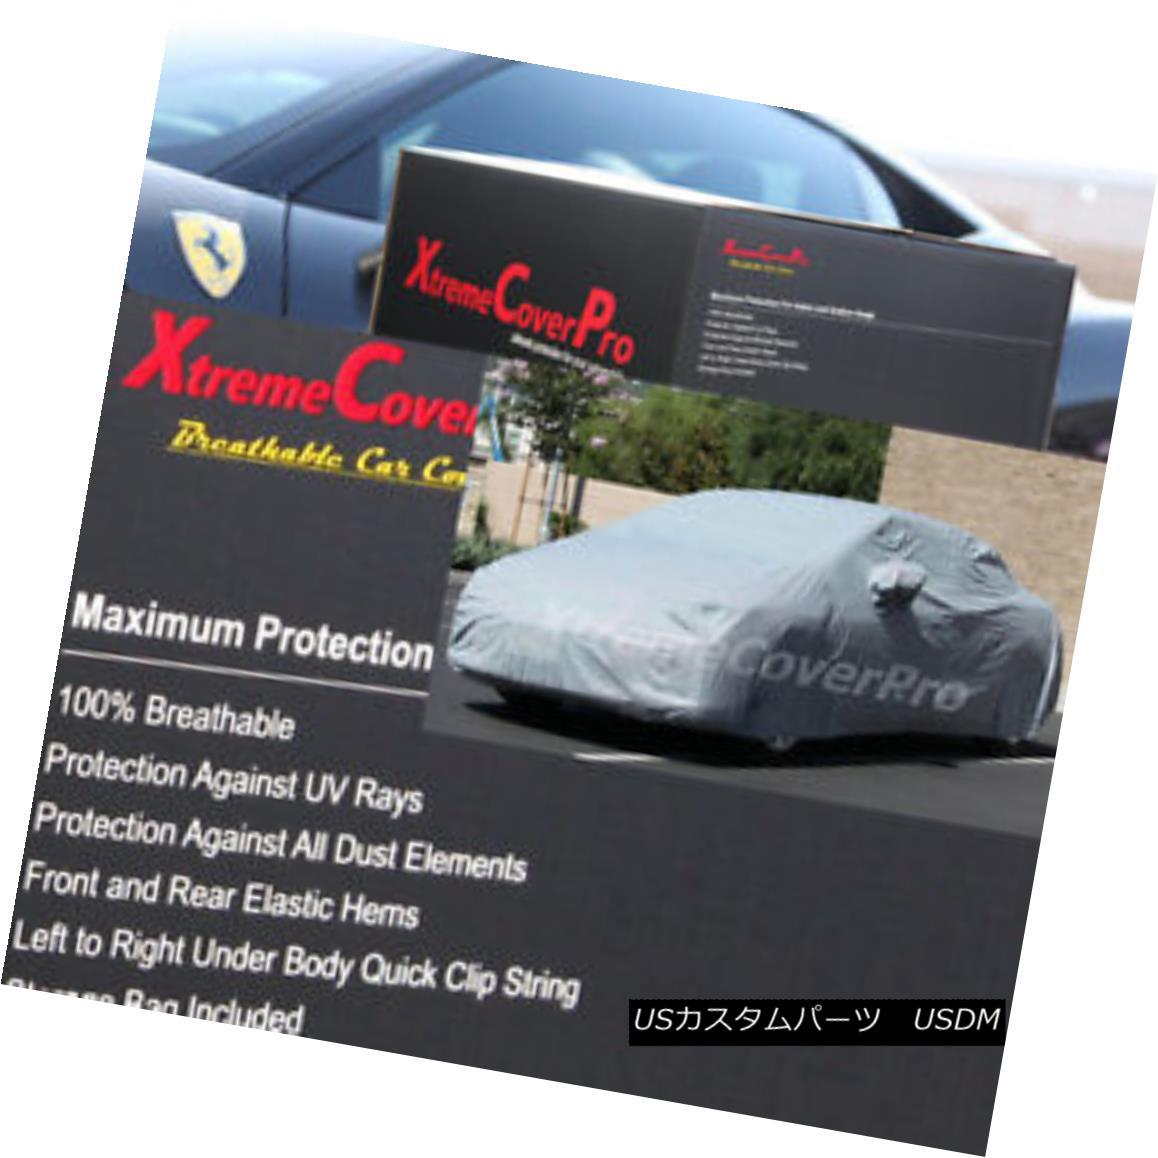 カーカバー 2006 2007 2008 2009 Mercury Milan Breathable Car Cover w/MirrorPocket 2006年2007年2008年2009年マーキュリーミラノ通気性車カバー付きMirrorPocket